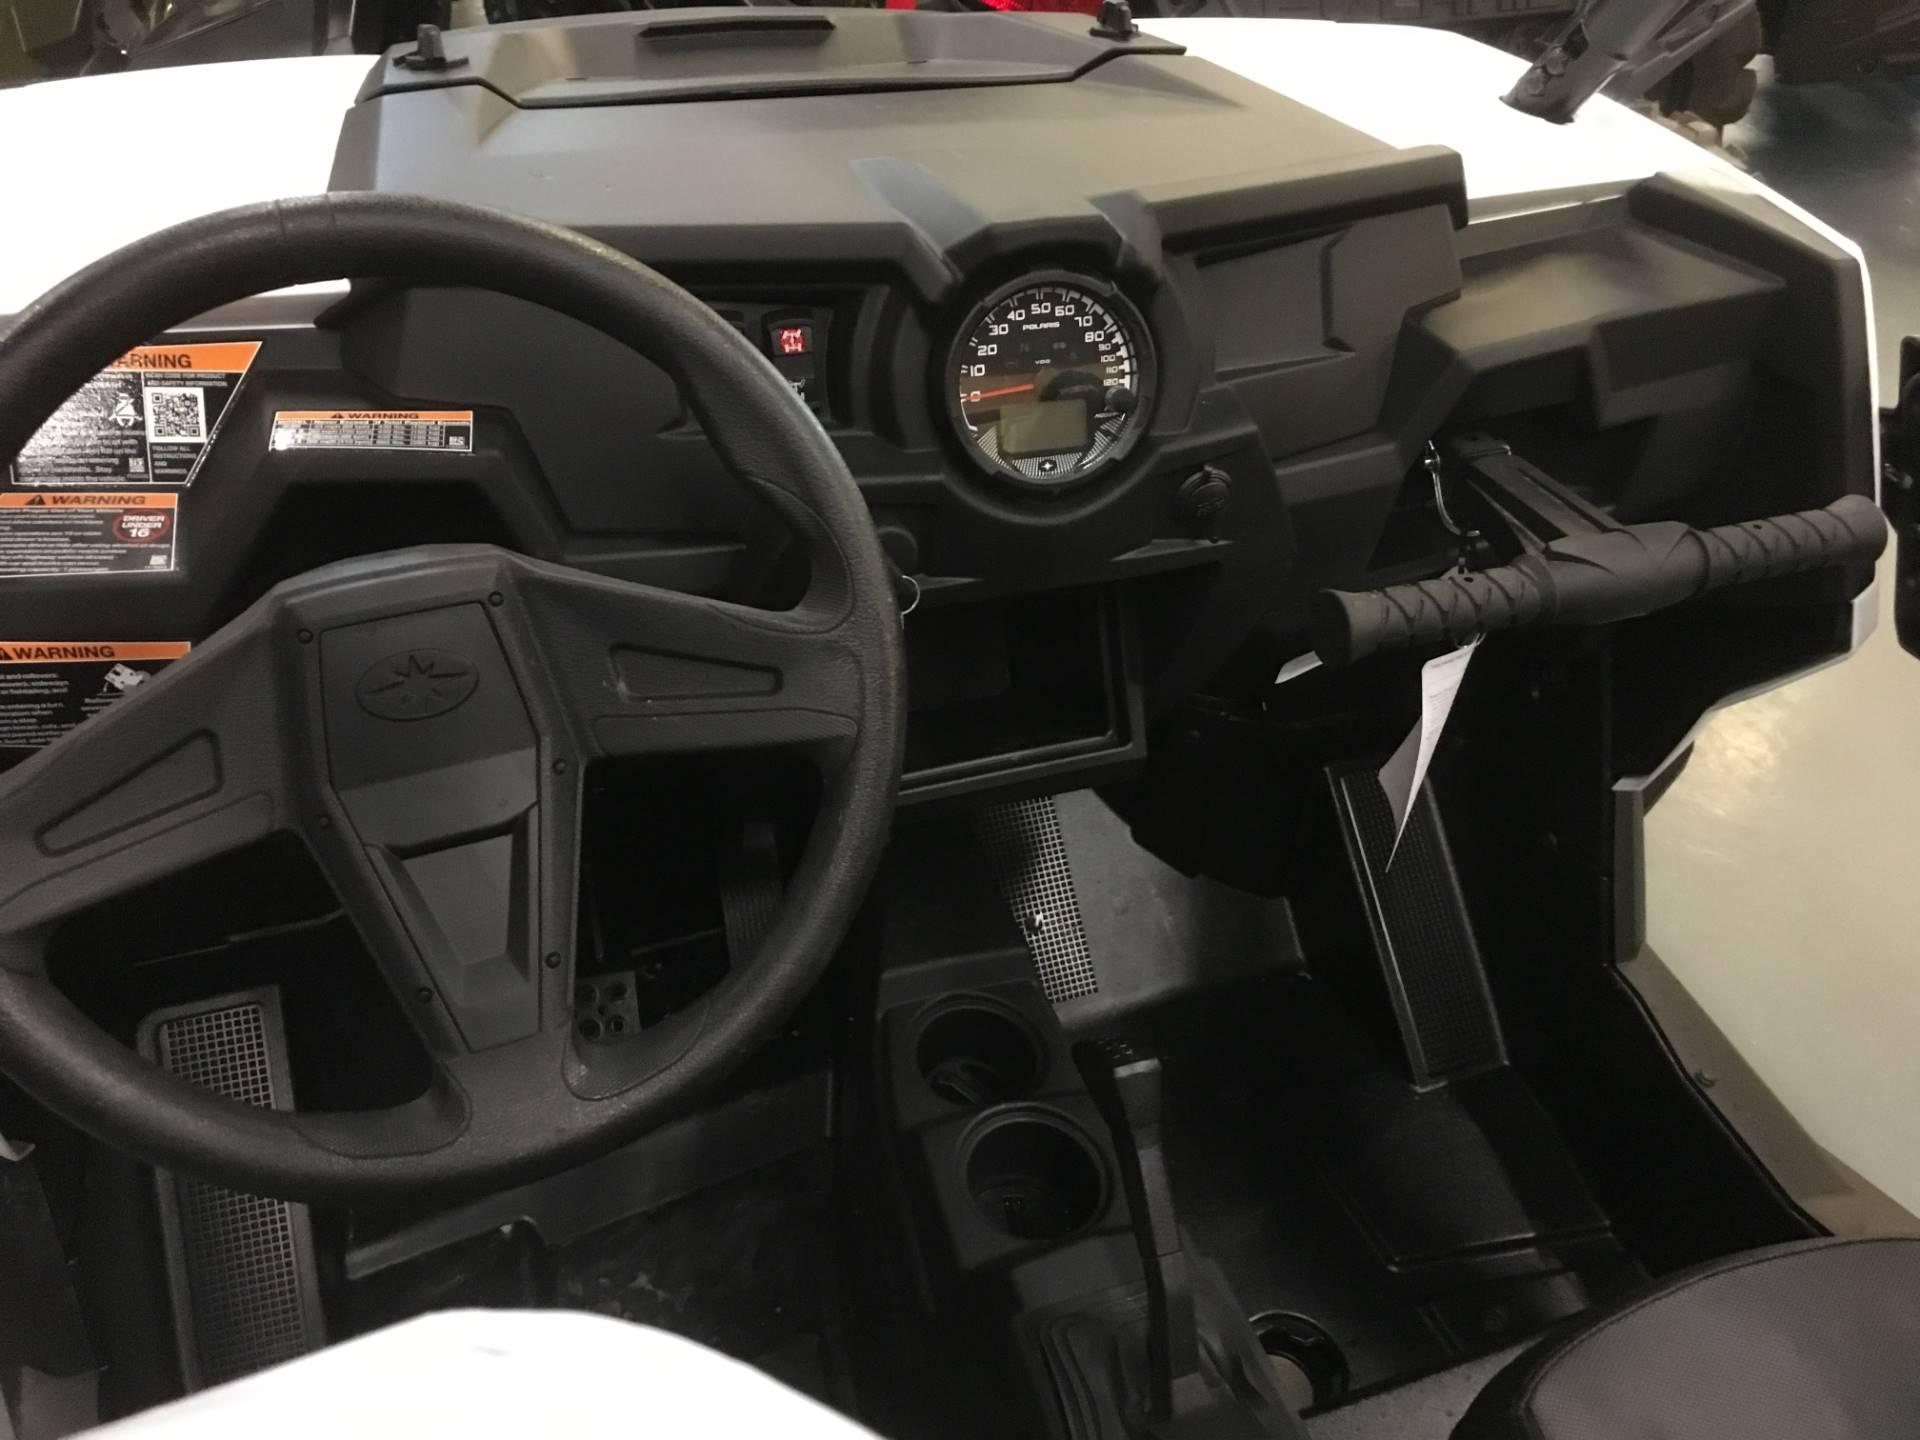 2017 Polaris RZR S 900 in Saucier, Mississippi